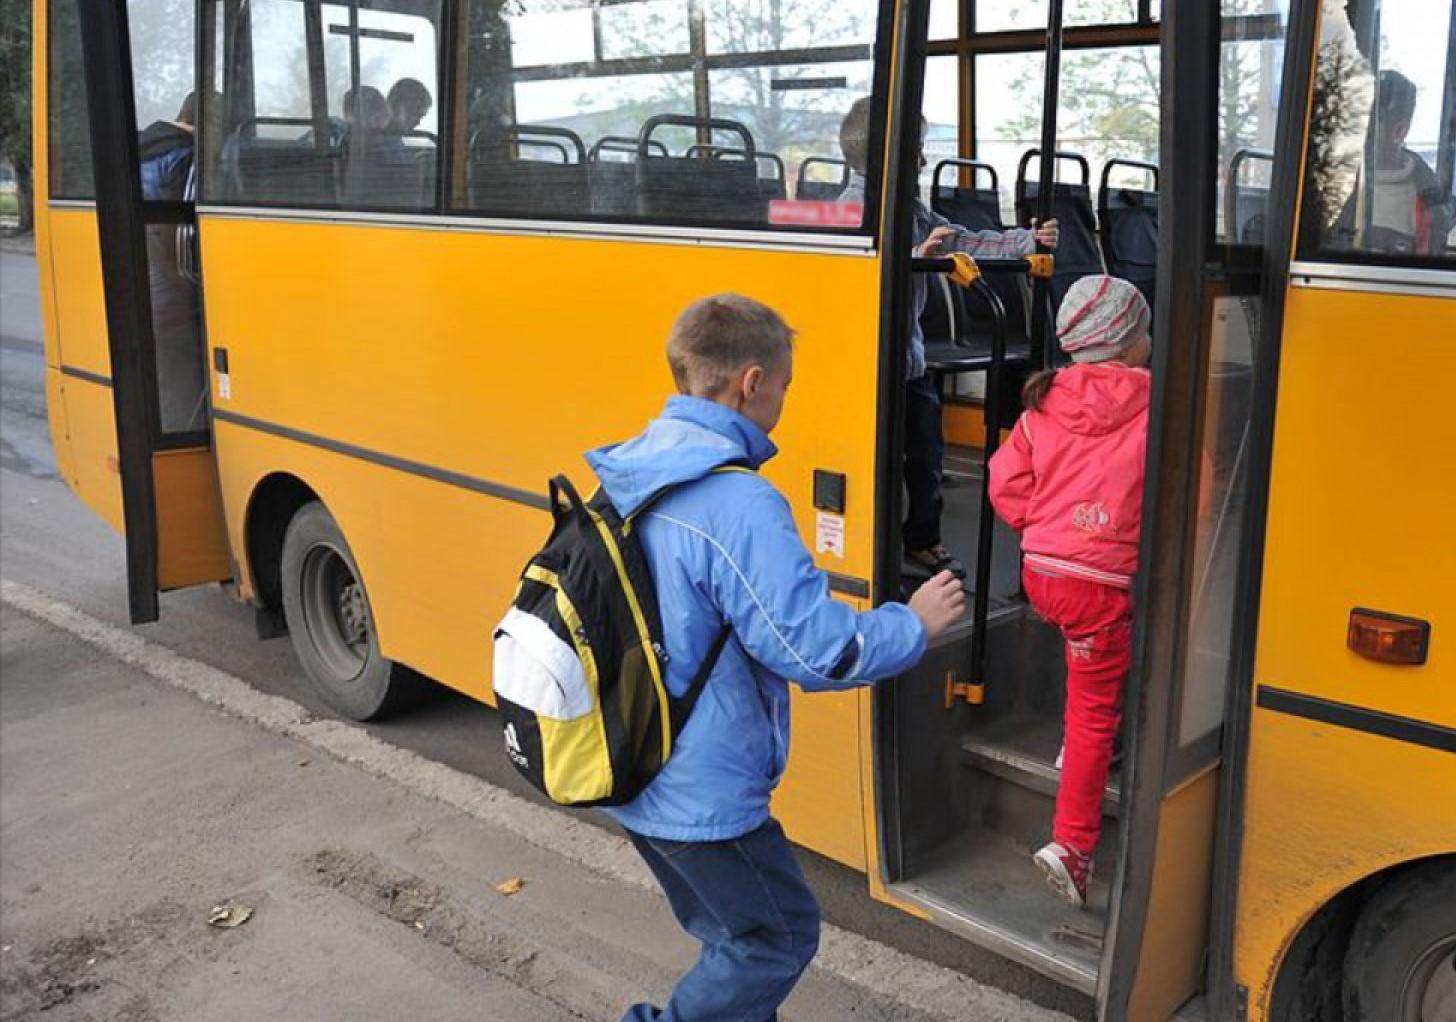 С 1 мая вступили в силу штрафы за высадку детей-безбилетников из транспорта